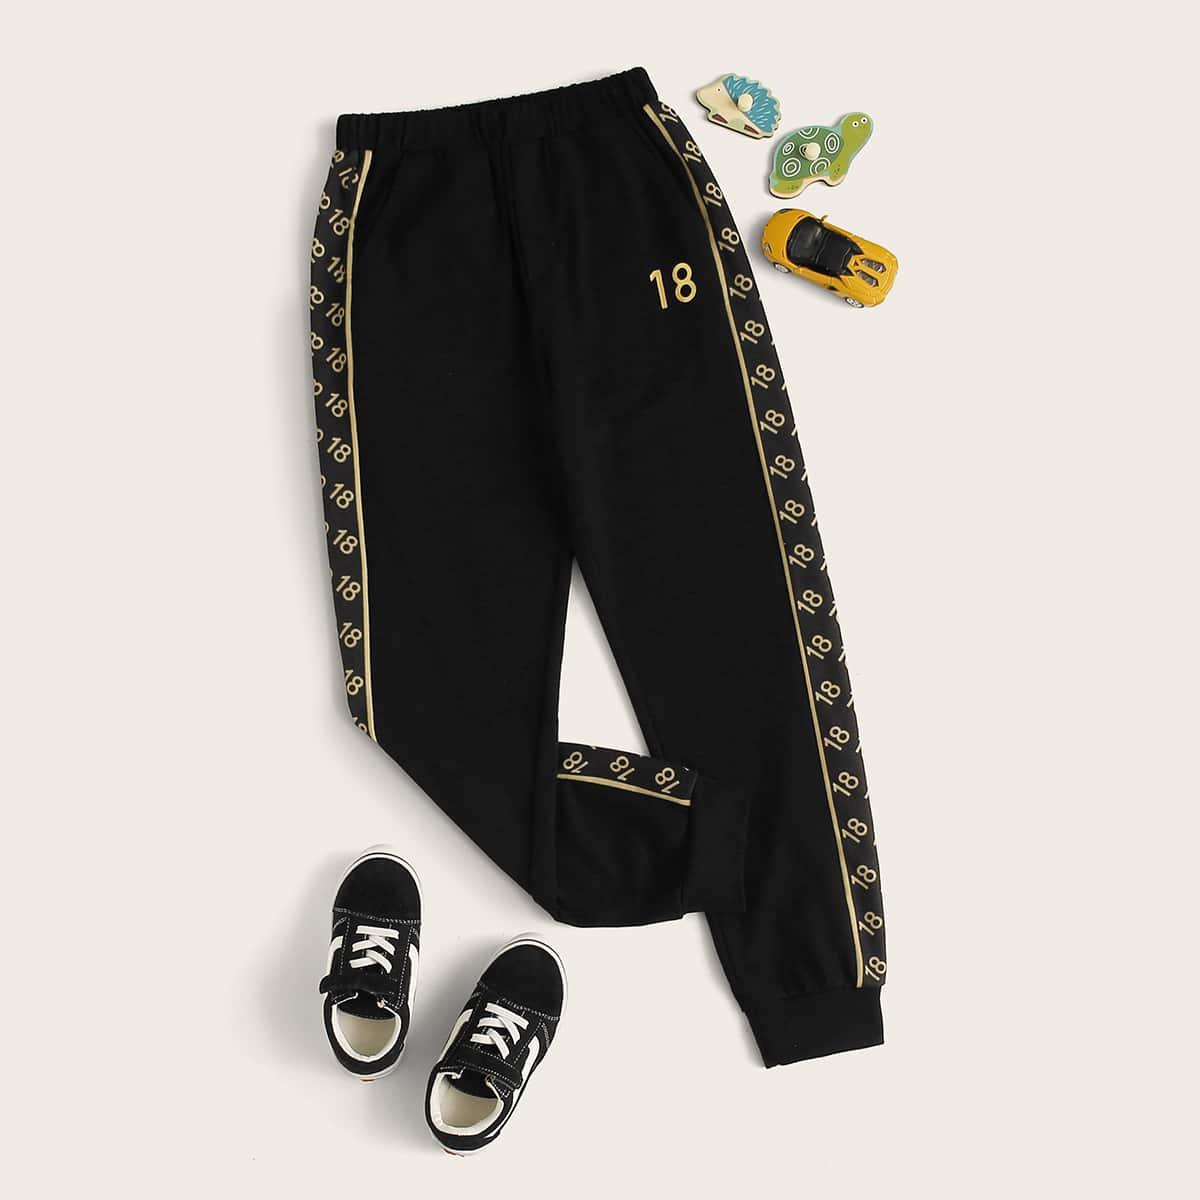 Спортивные брюки с цифровым принтом для мальчиков от SHEIN